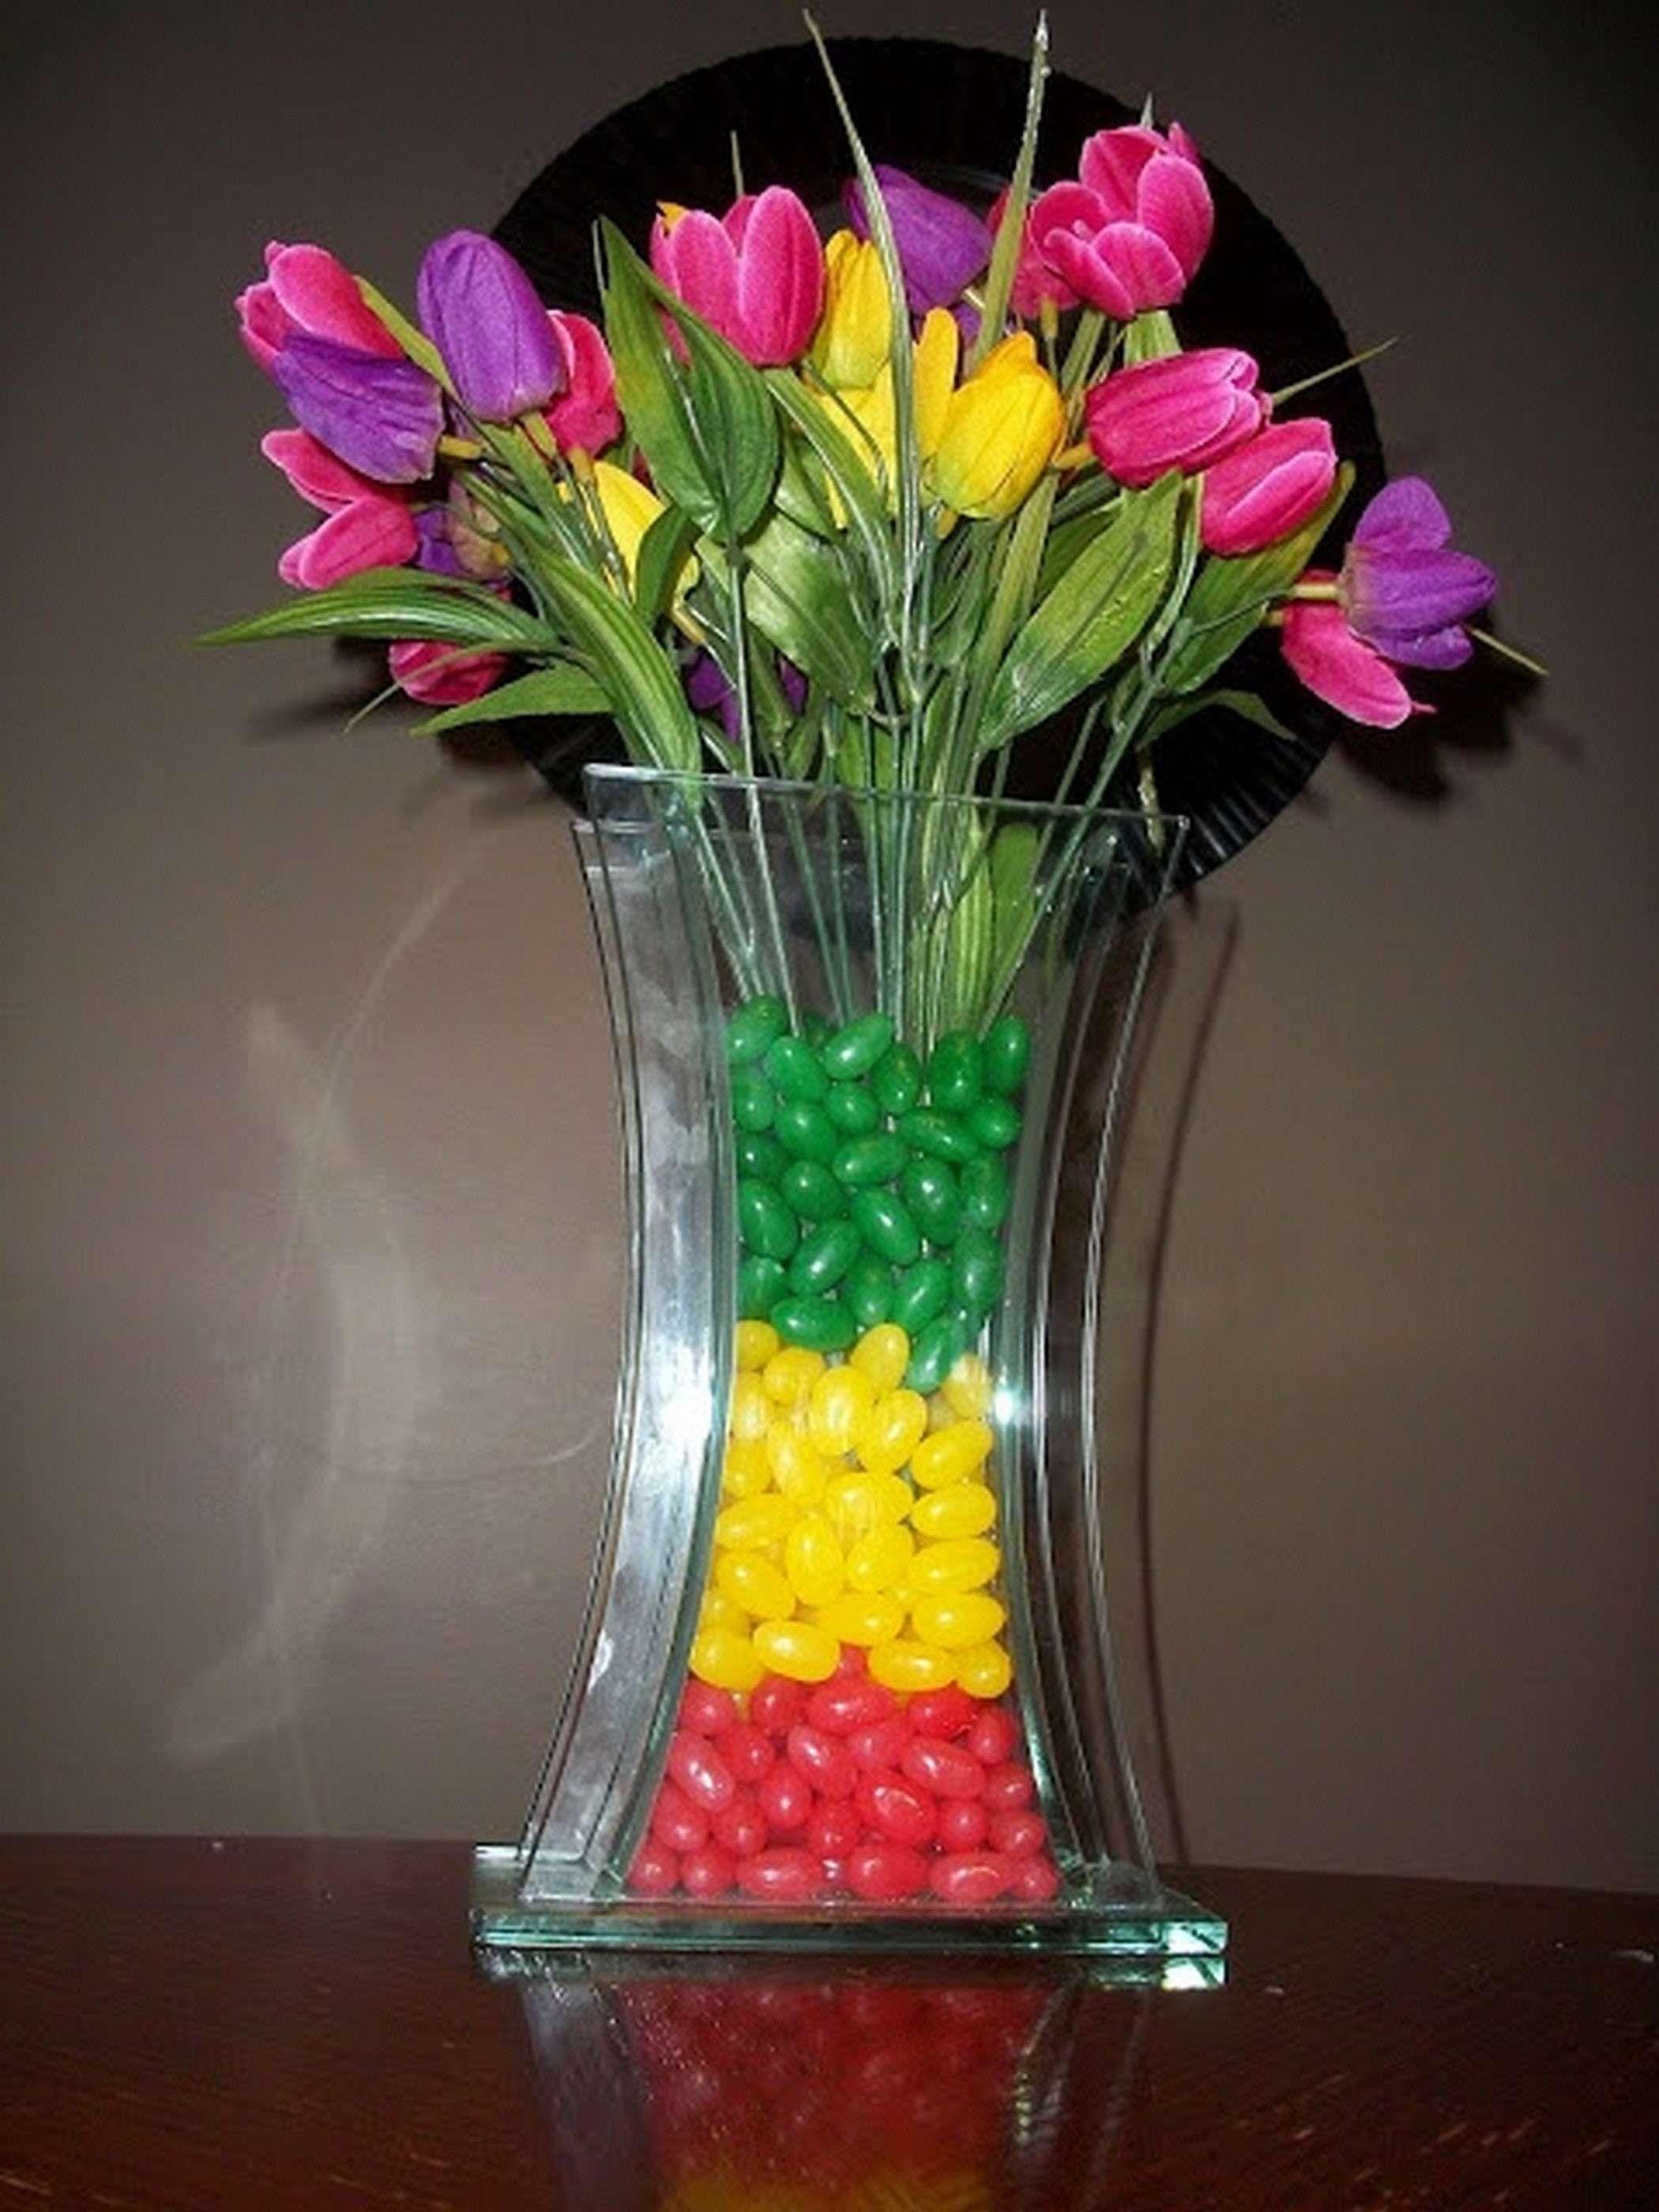 glass flowers in vase of green glass vase elegant 15 cheap and easy diy vase filler ideas 3h for green glass vase elegant 15 cheap and easy diy vase filler ideas 3h vases flower i